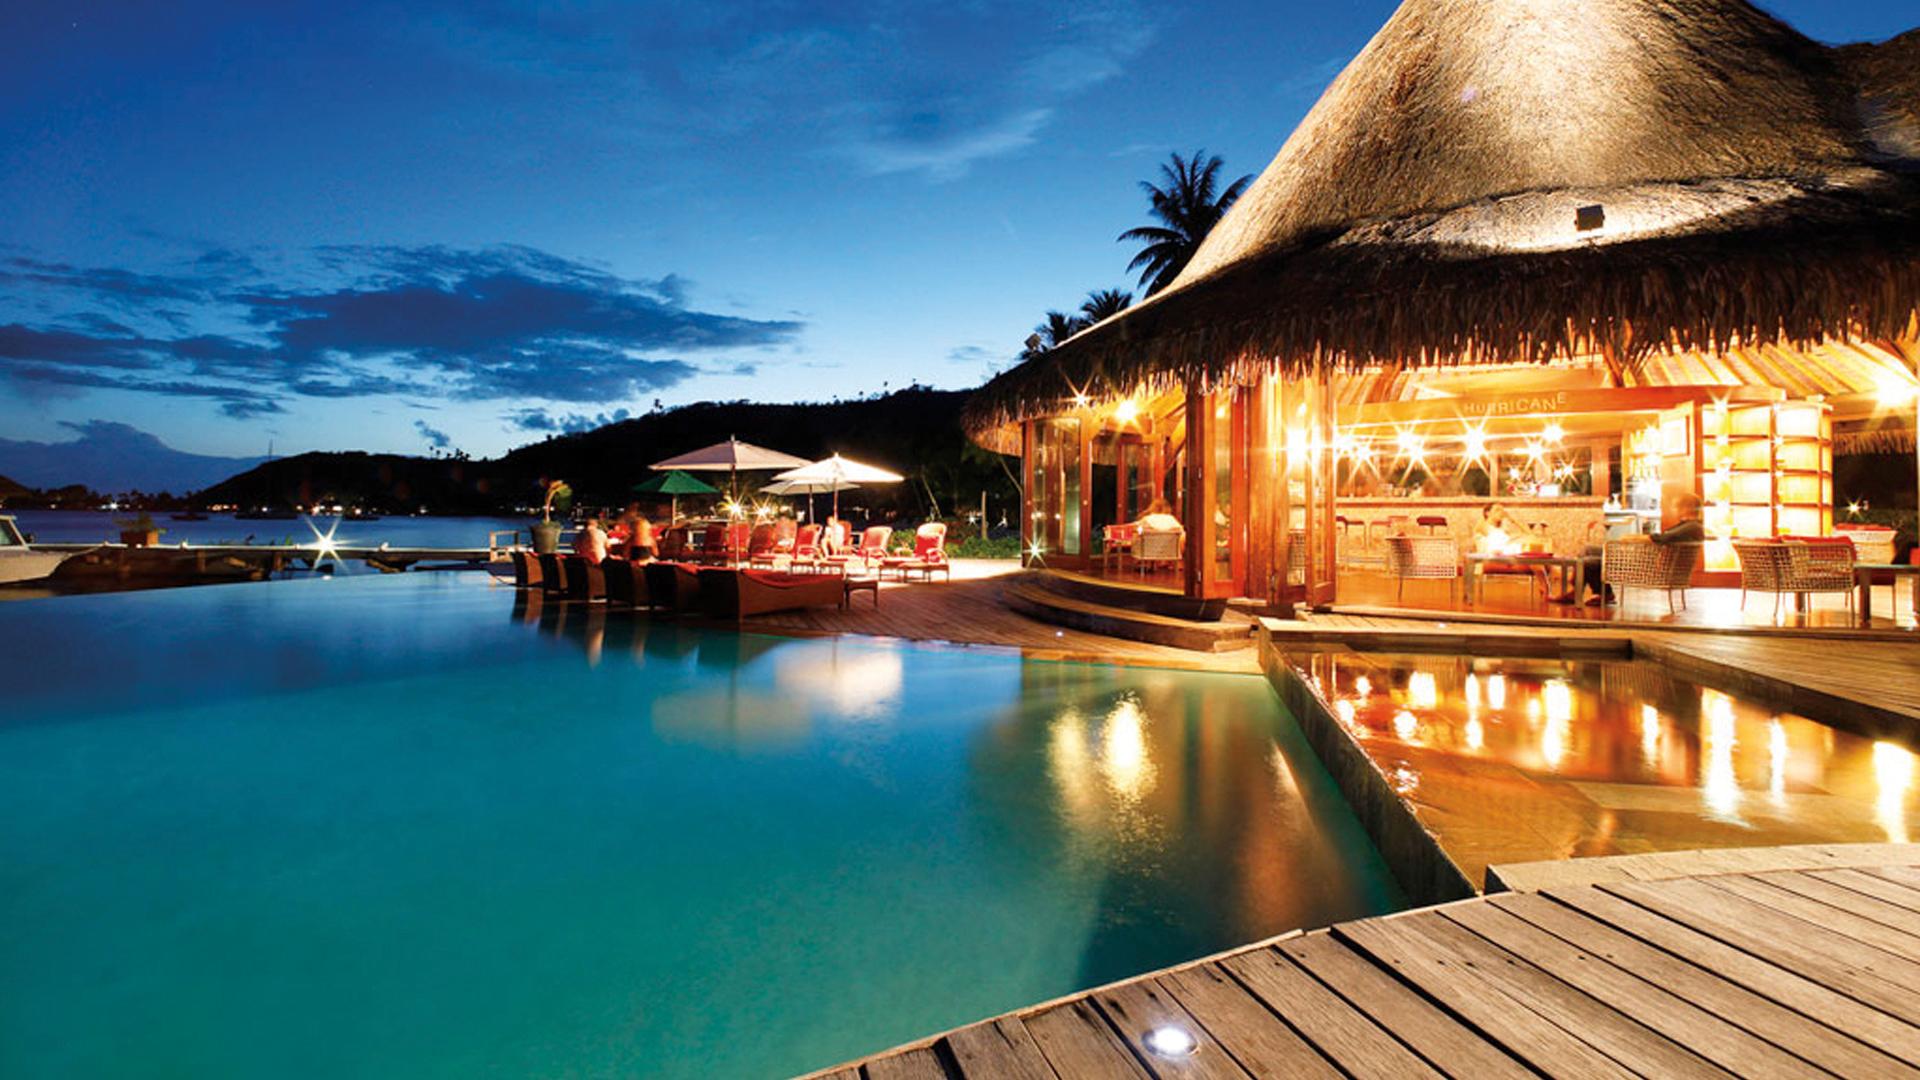 The Thai Villa Spa